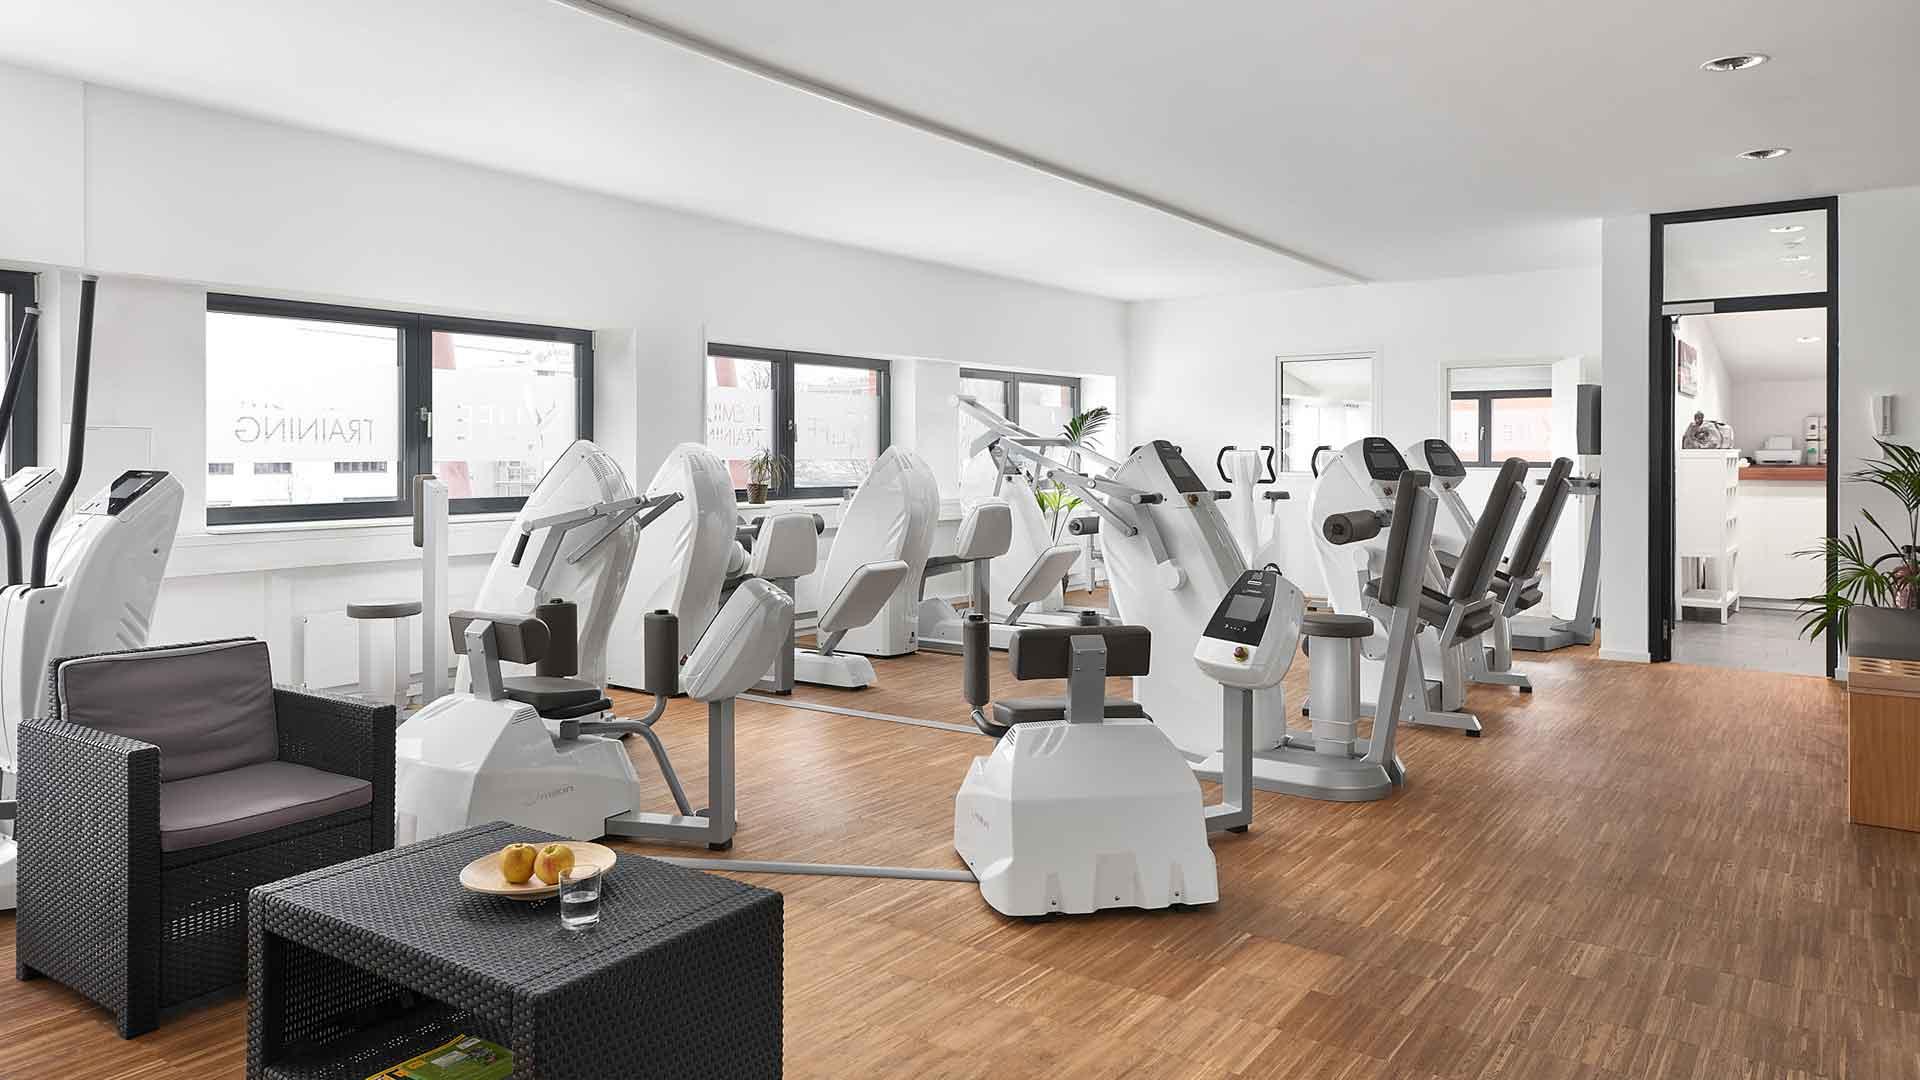 L!fe Health Trainingsraum Allschwil